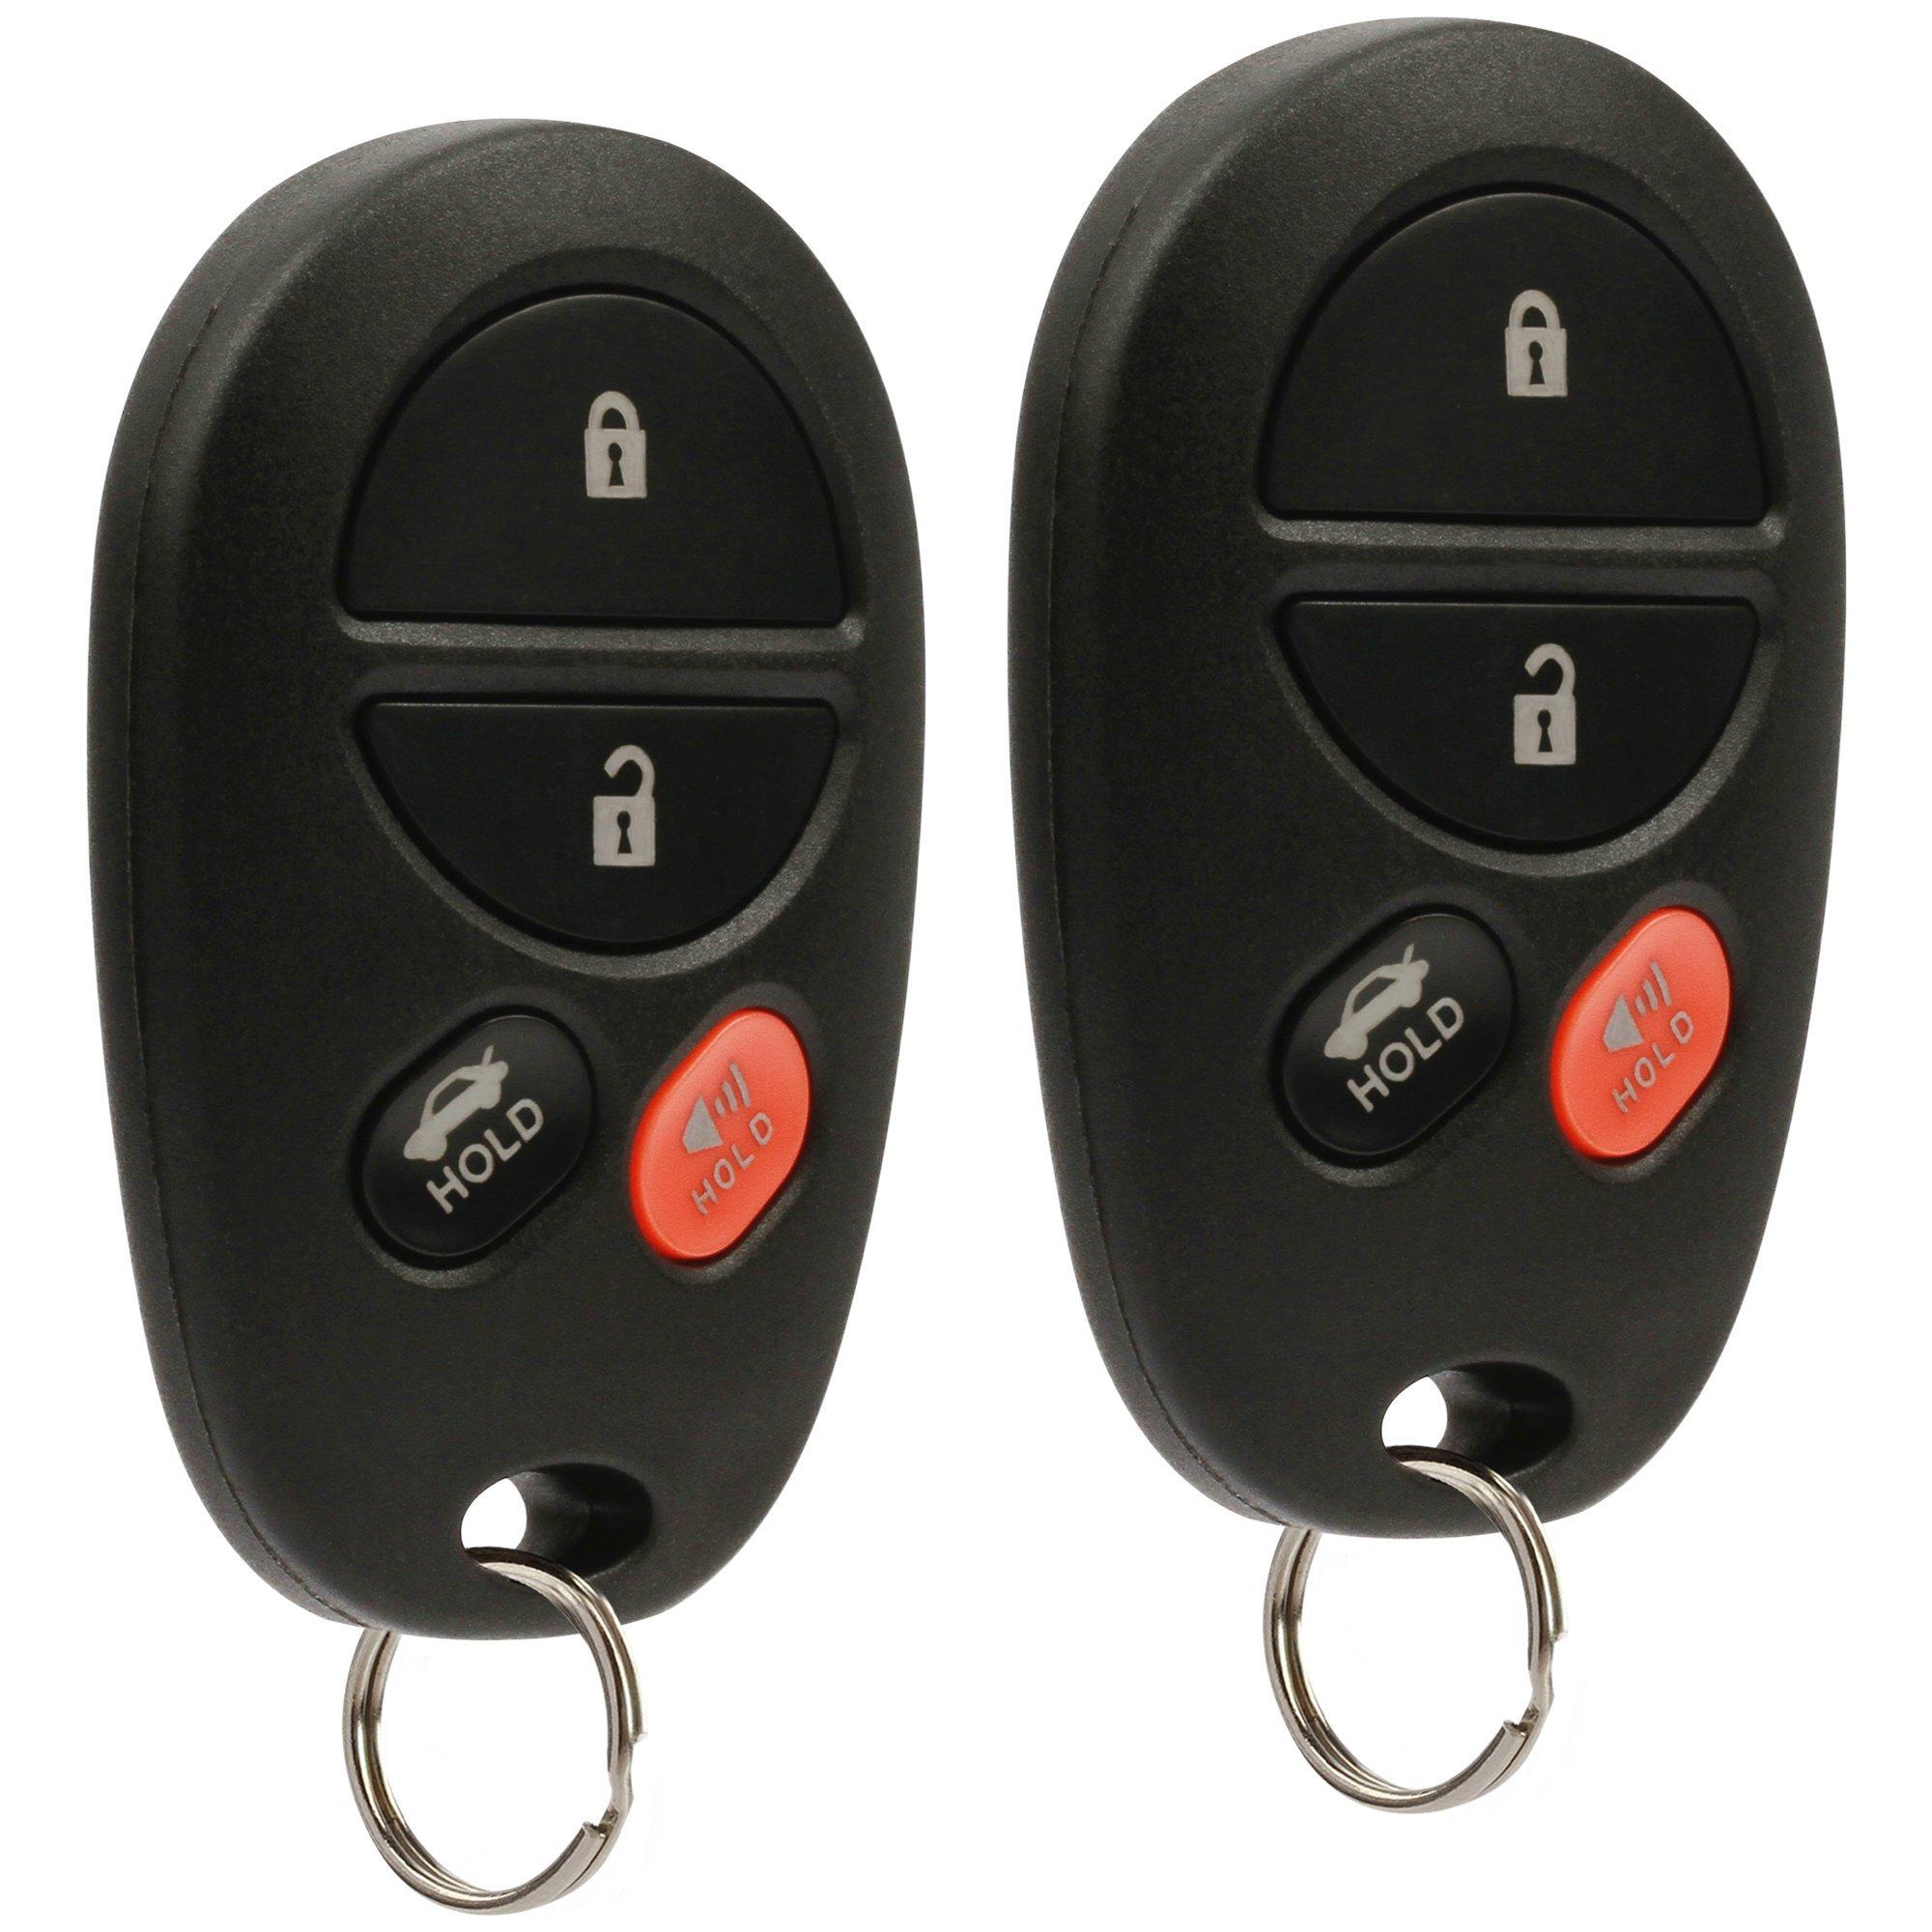 Key Fob Keyless Entry Remote fits Toyota Avalon, Solara 2005 2006 2007 2008 (GQ43VT20T 4-Btn), Set of 2 by USARemote